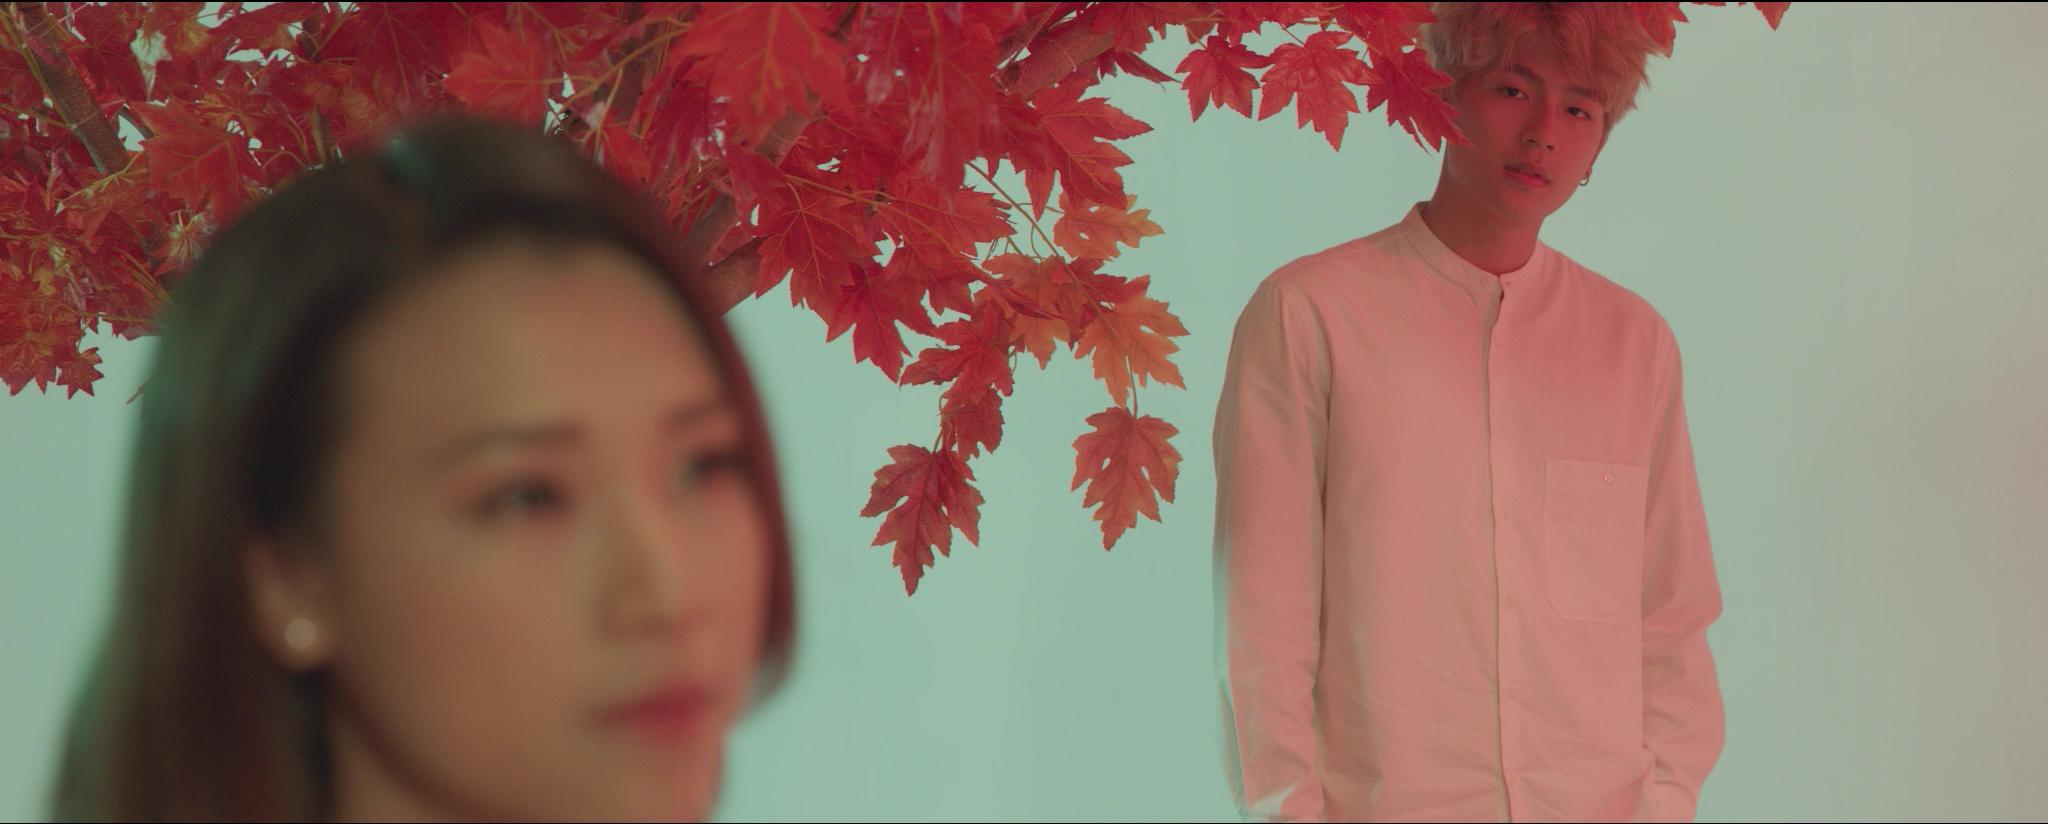 Fan cặp đôi Lê Duy - Pha Lê rưng rưng với MV OST Ước mơ mùa thu cùng giọng hát da diết của Tóc Tiên